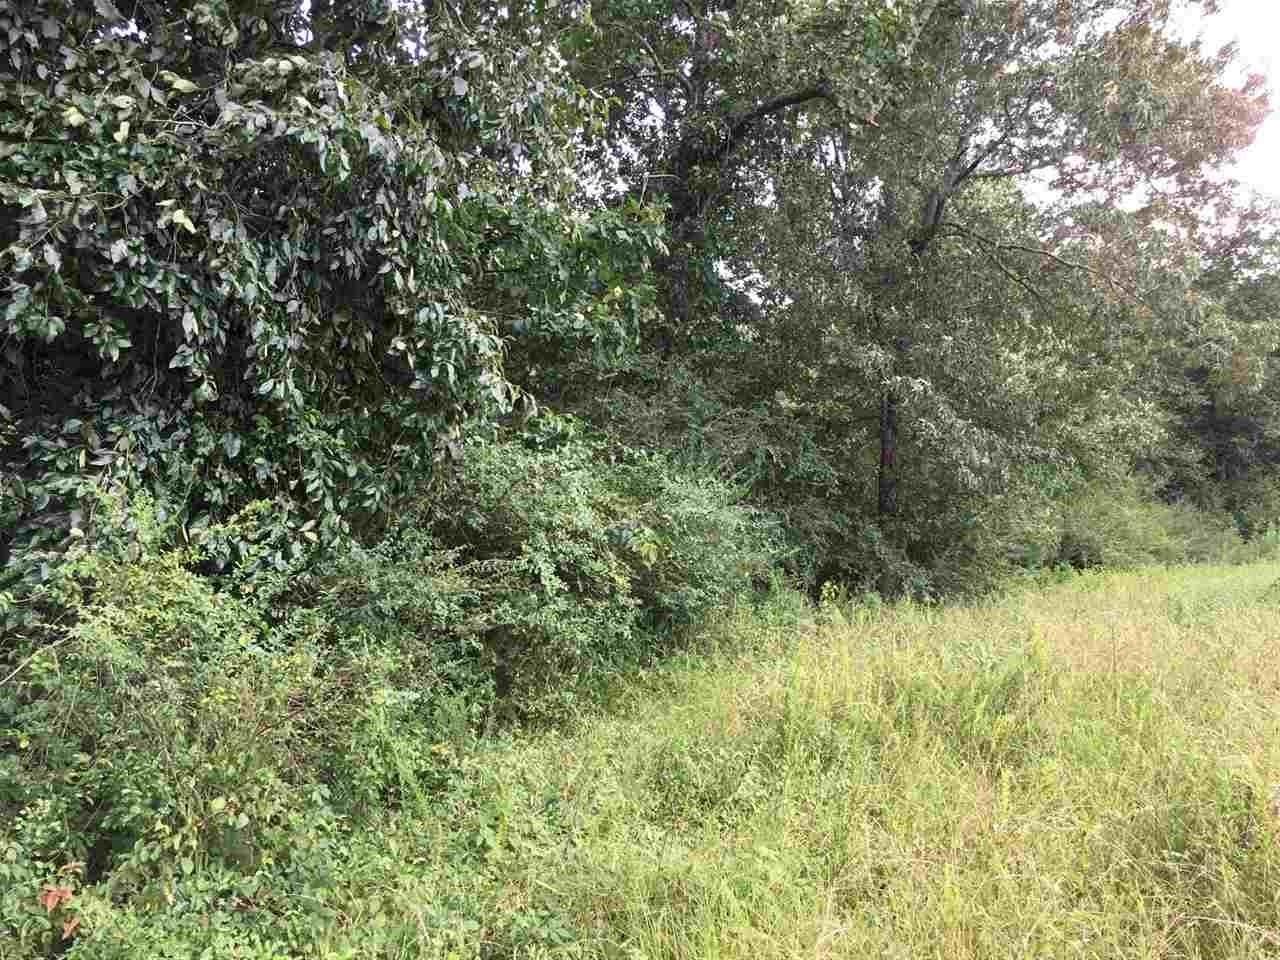 0 Old US 74 HWY, Ellenboro, NC 28040